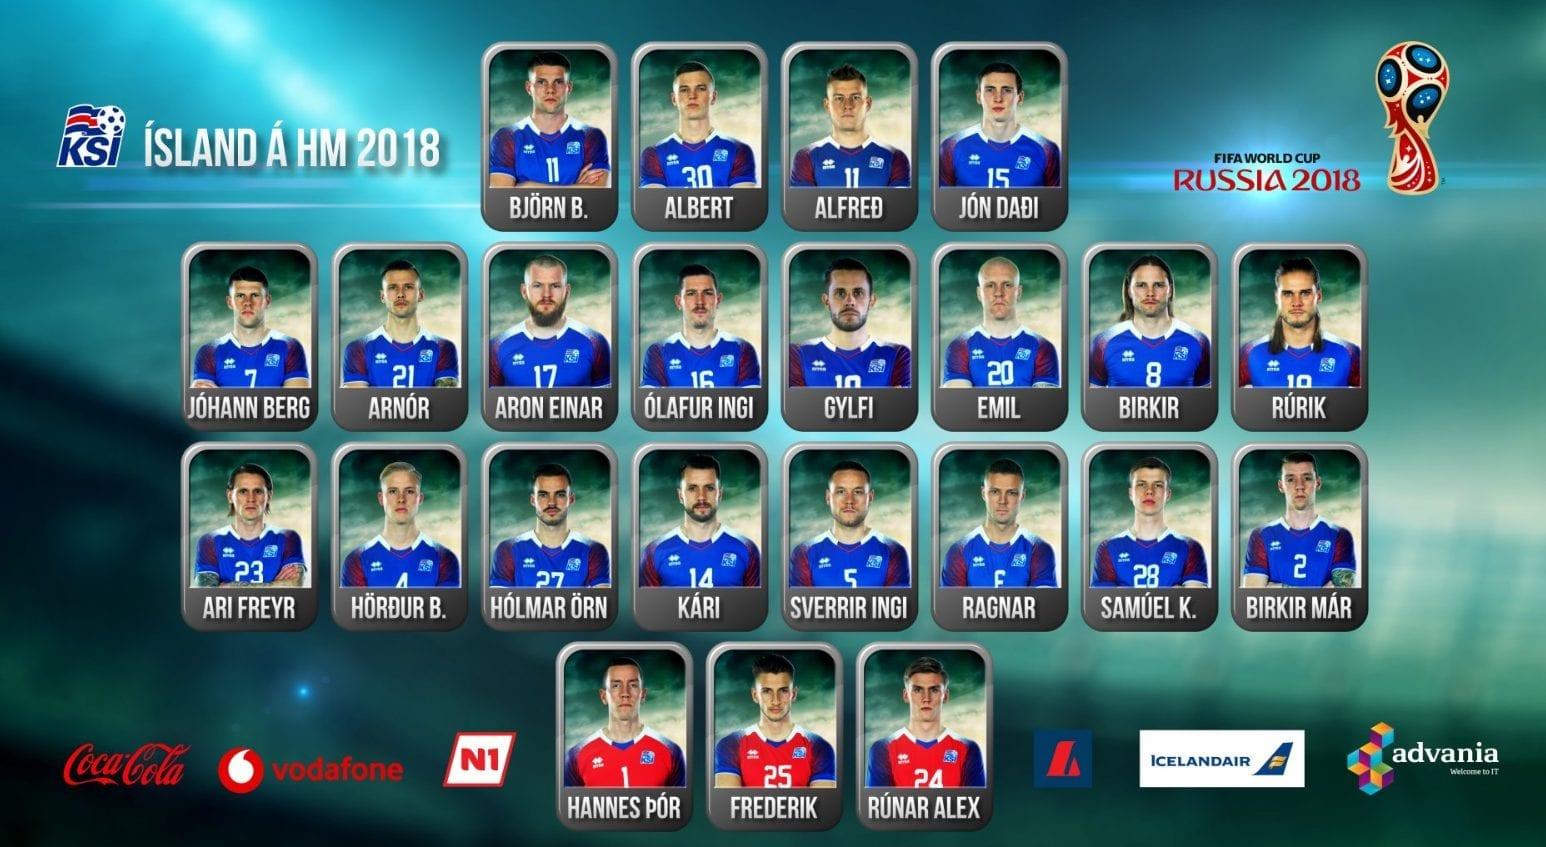 23 joueurs de l'islande pour la coupe du monde 2018